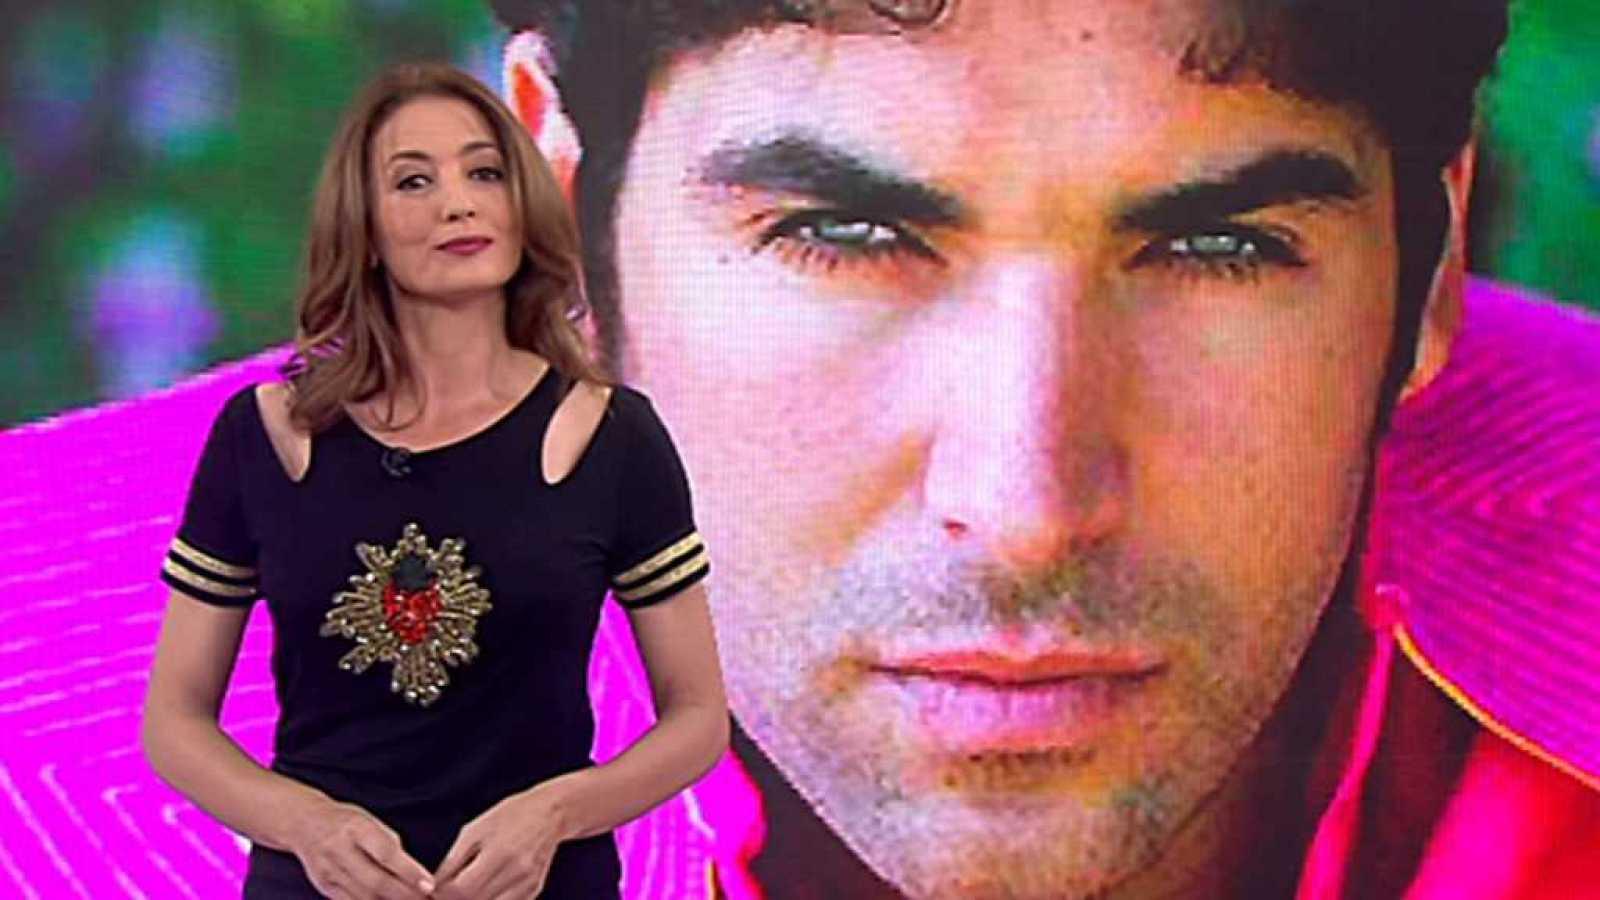 Corazón - 13/10/17 - RTVE.es